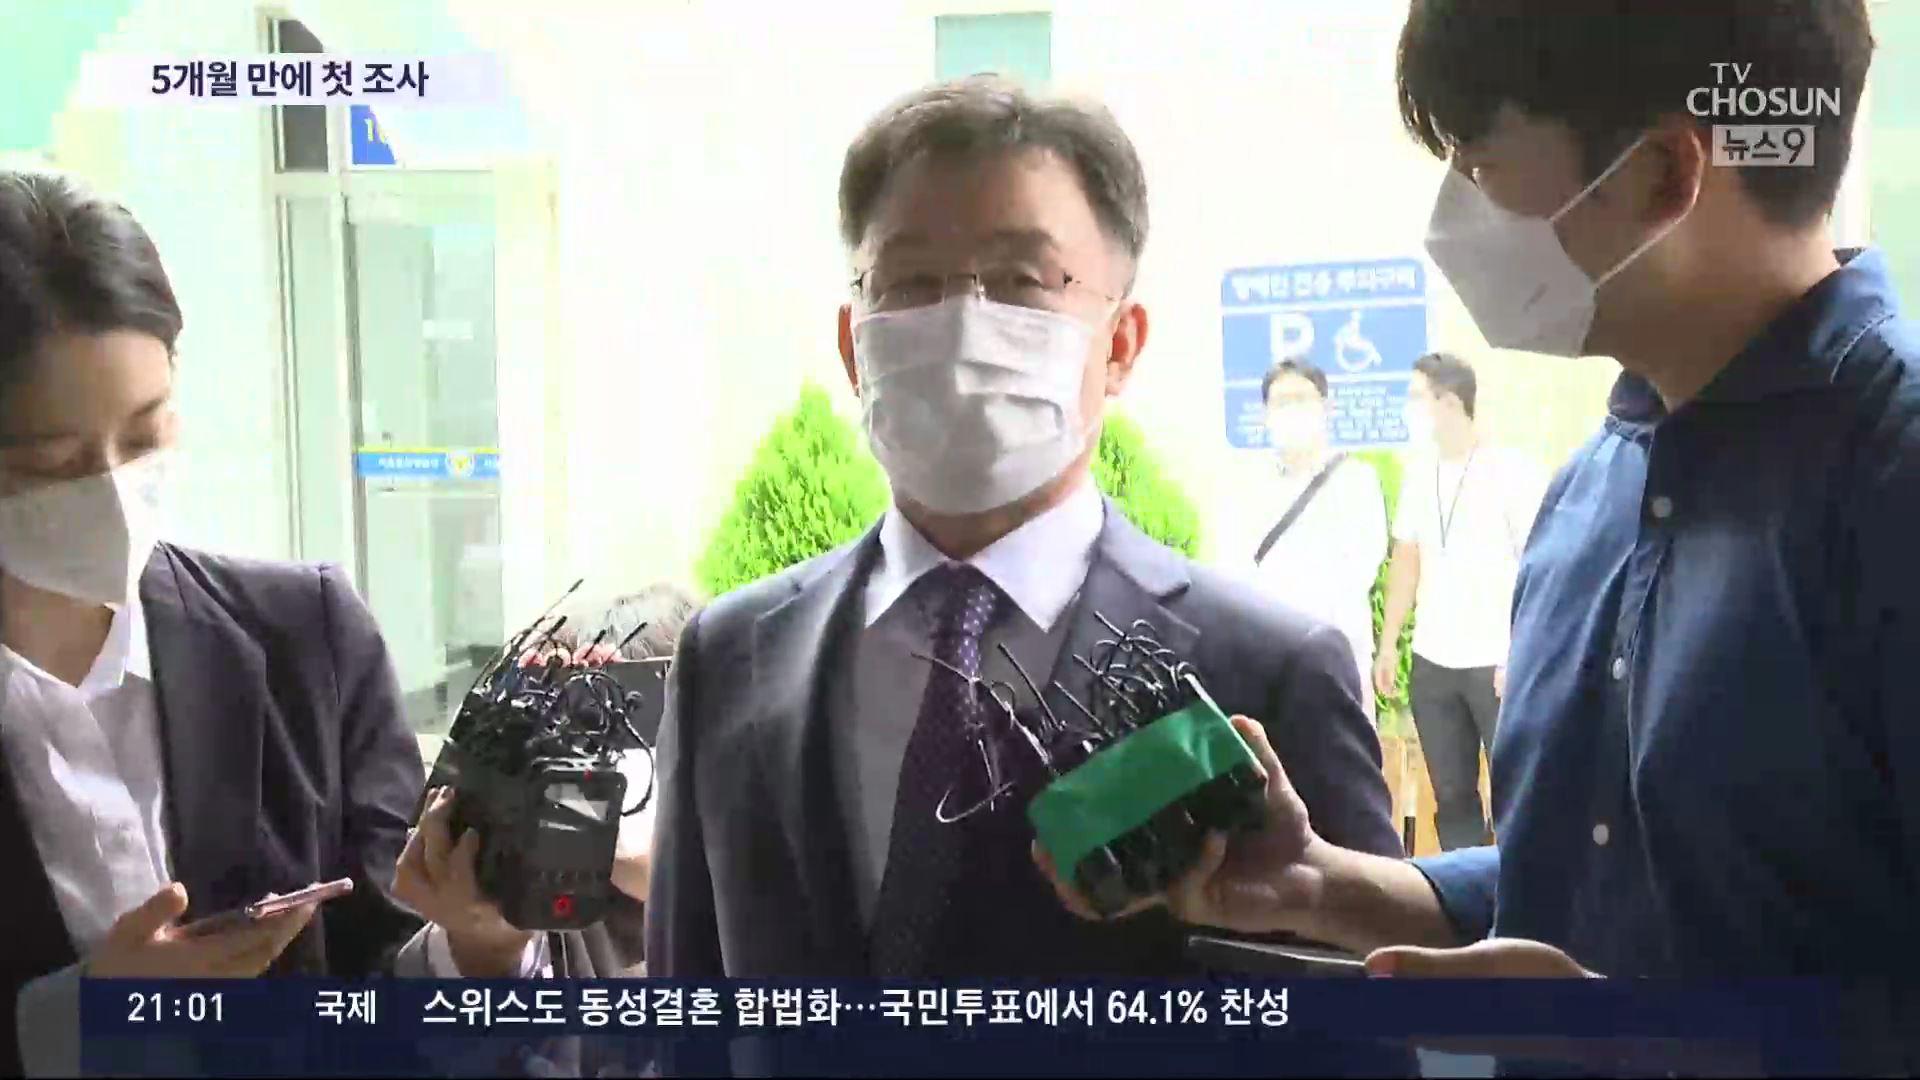 '화천대유 대주주' 김만배 '불법 없고 게이트 아냐'